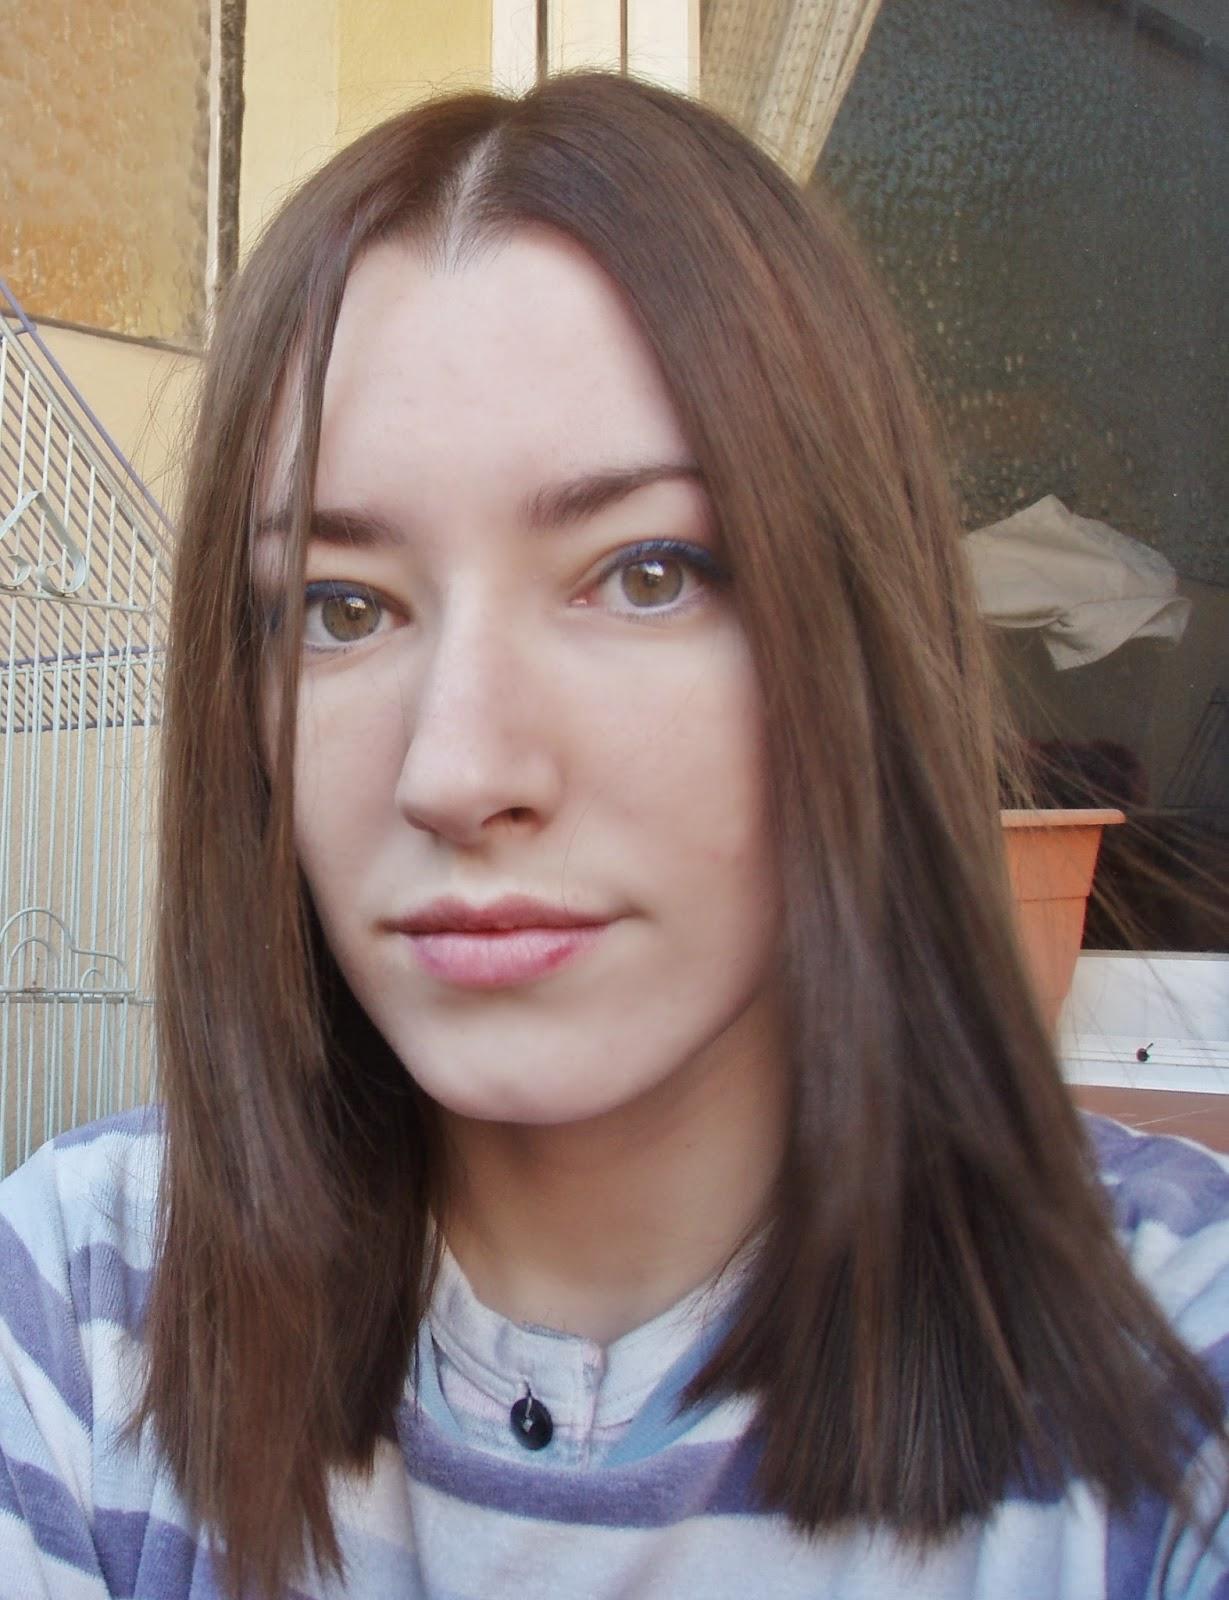 Baño De Color Rojo En Pelo Castano:Ciencia de ti: Nuevo tono de pelo! Cómo quitar el rojo del cabello